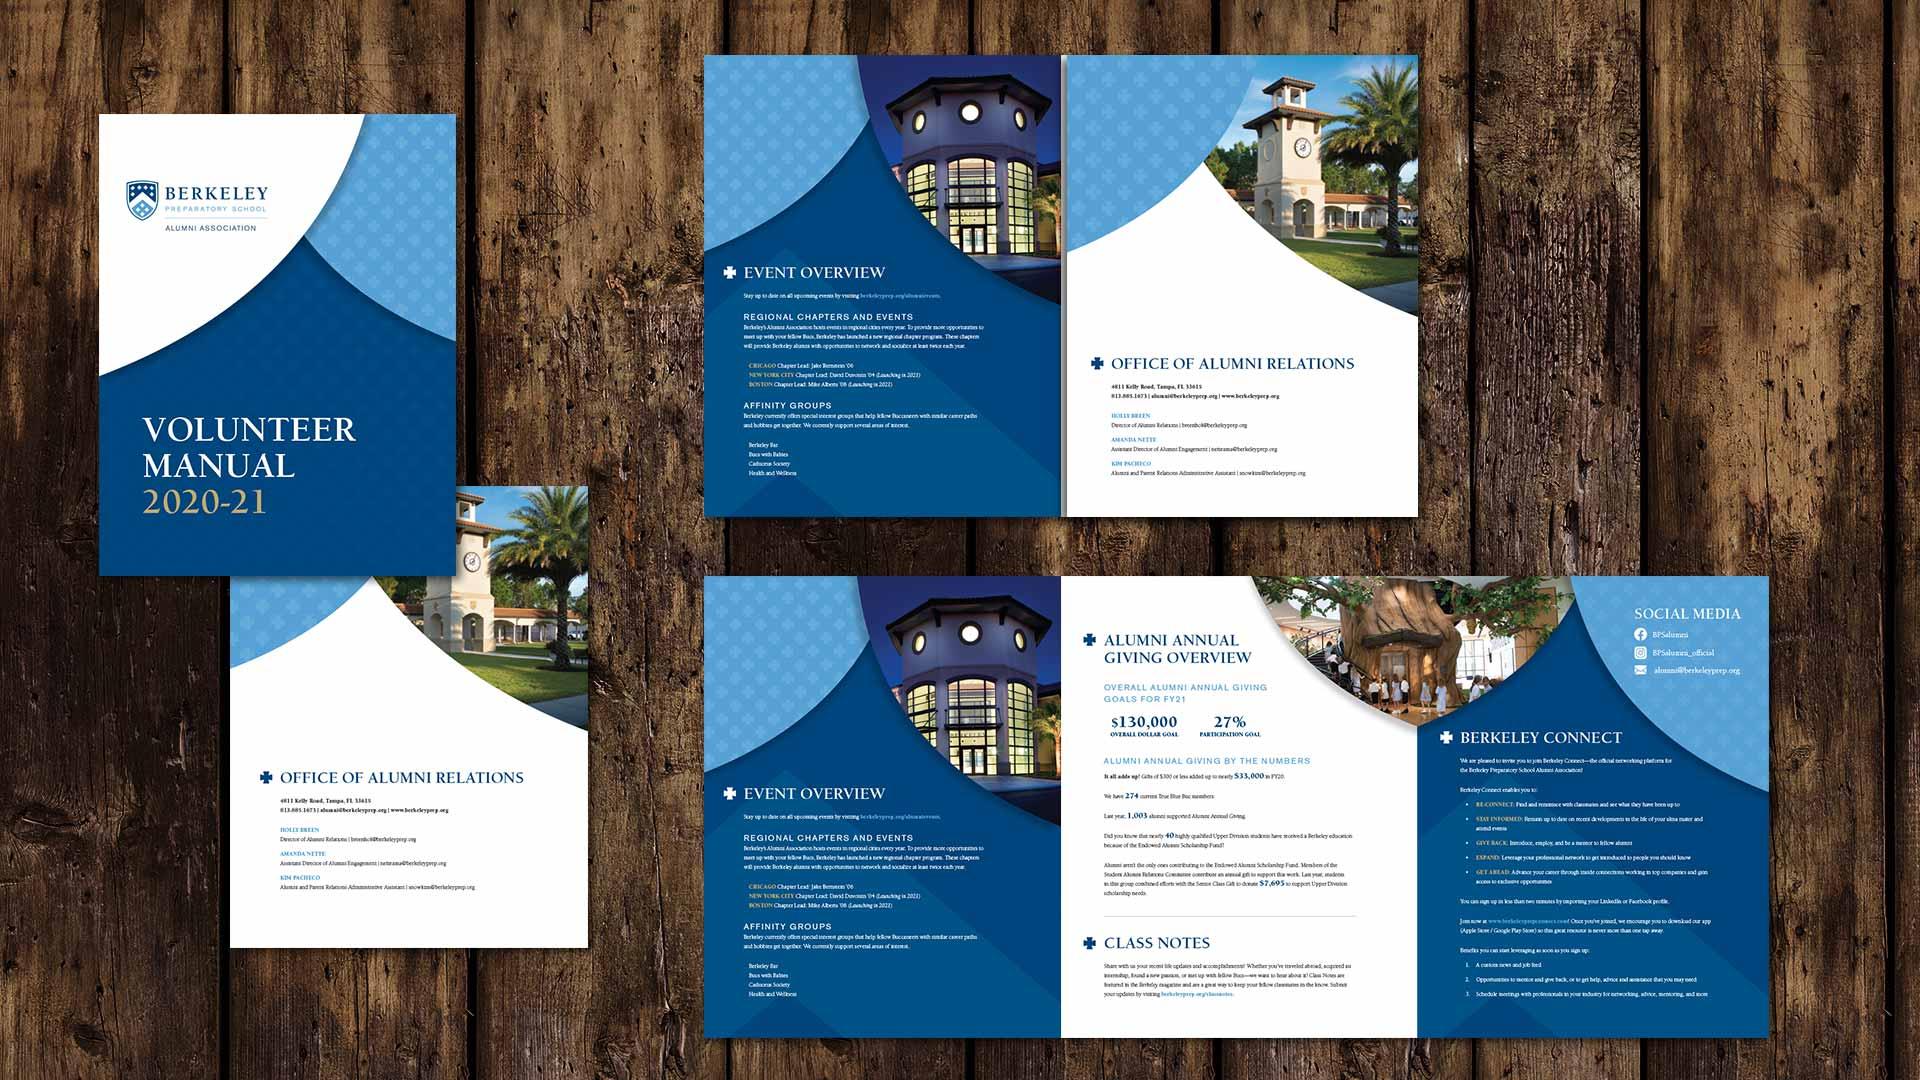 Alumni volunteer manual